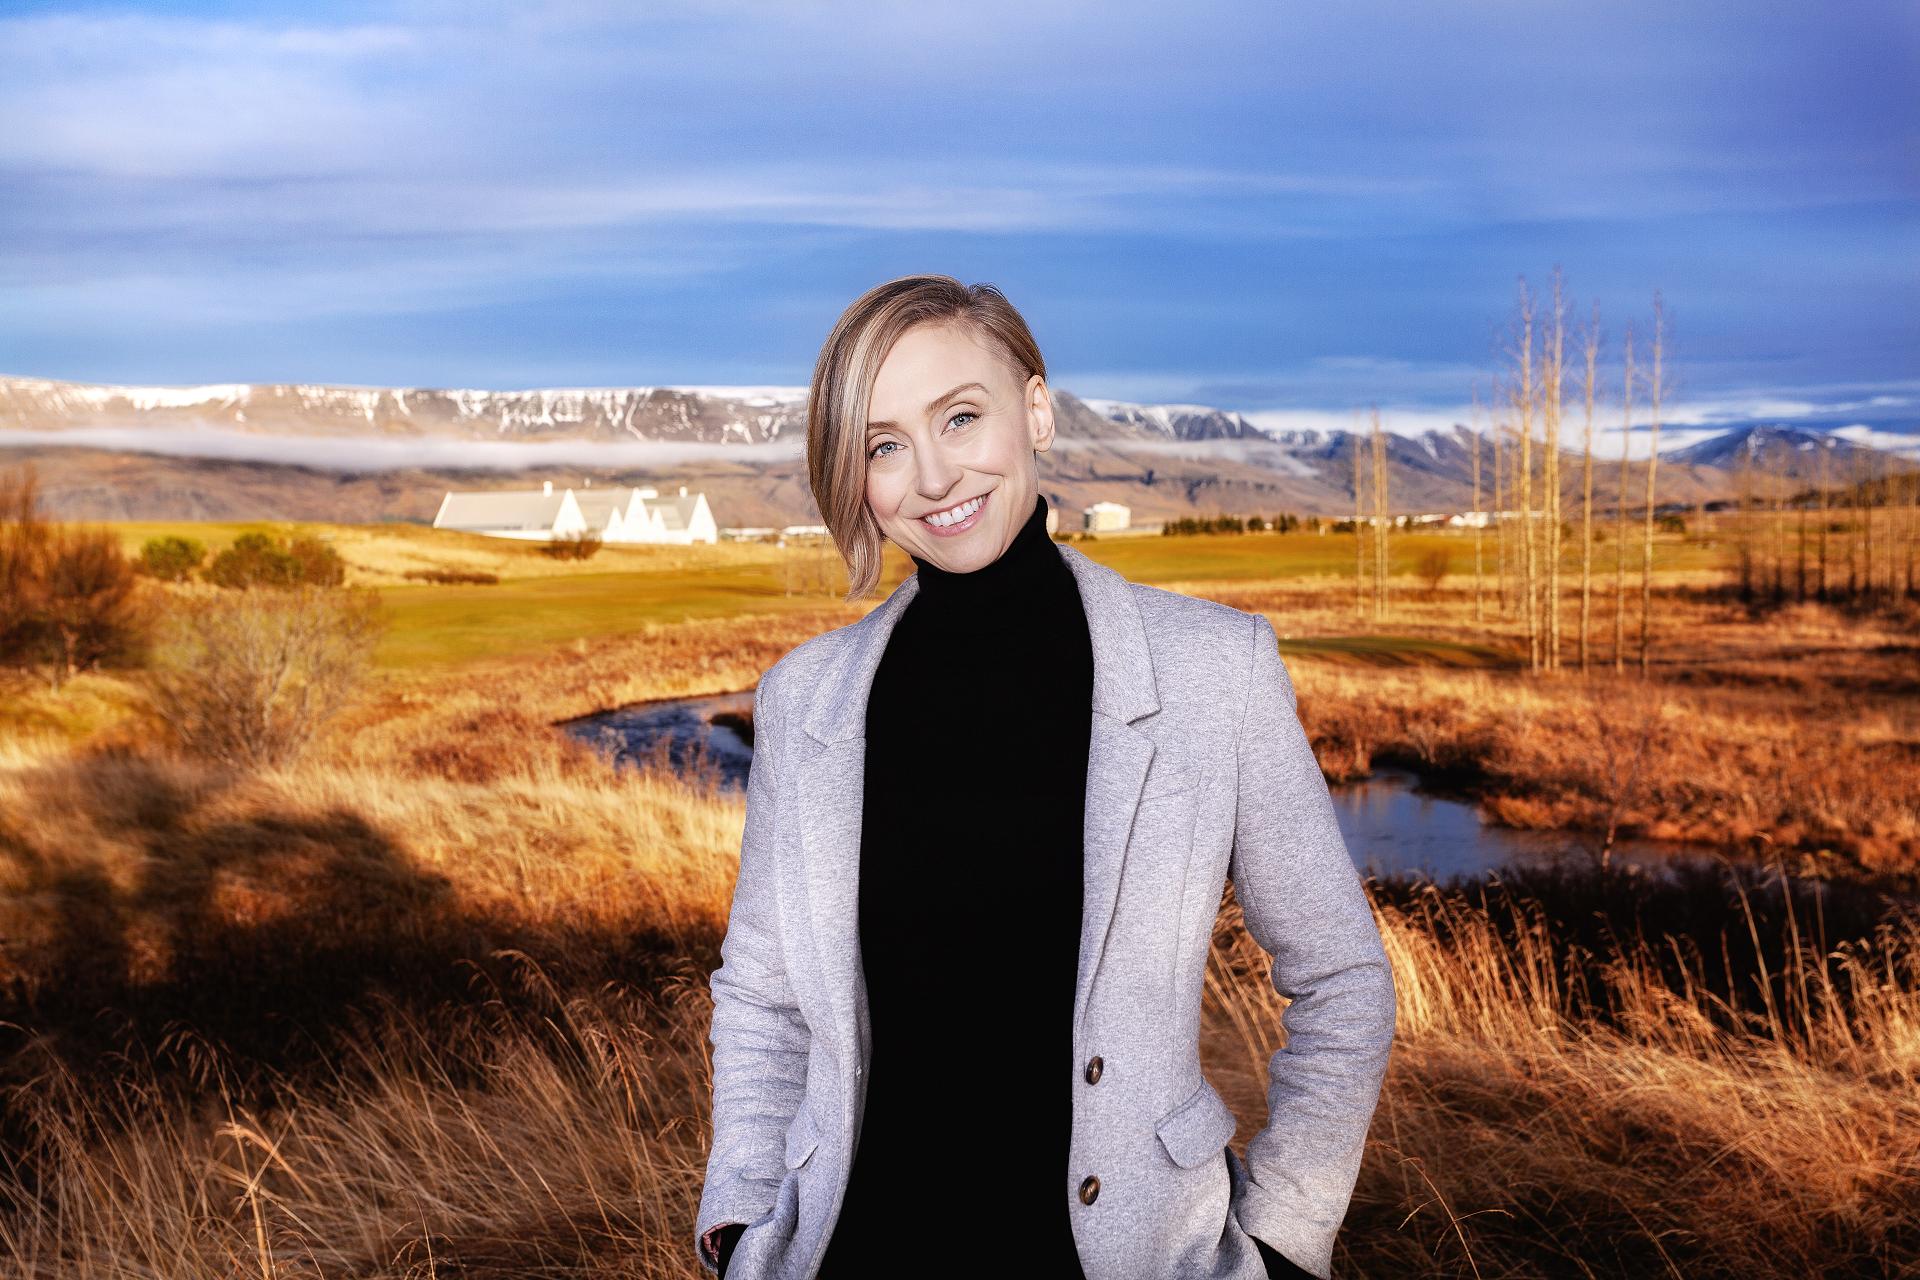 Snjólaug Ólafsdóttir umhverfisverkfræðingur og sjálfbærni markþjálfi